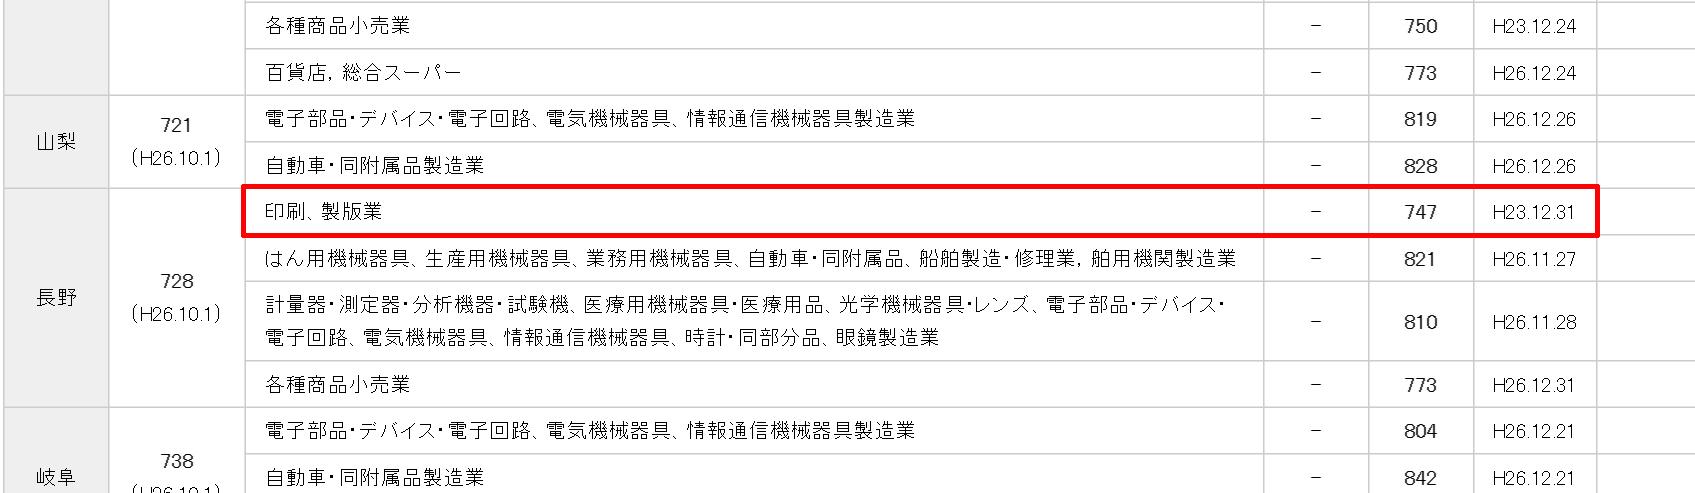 長野_産業別最低賃金_厚労省